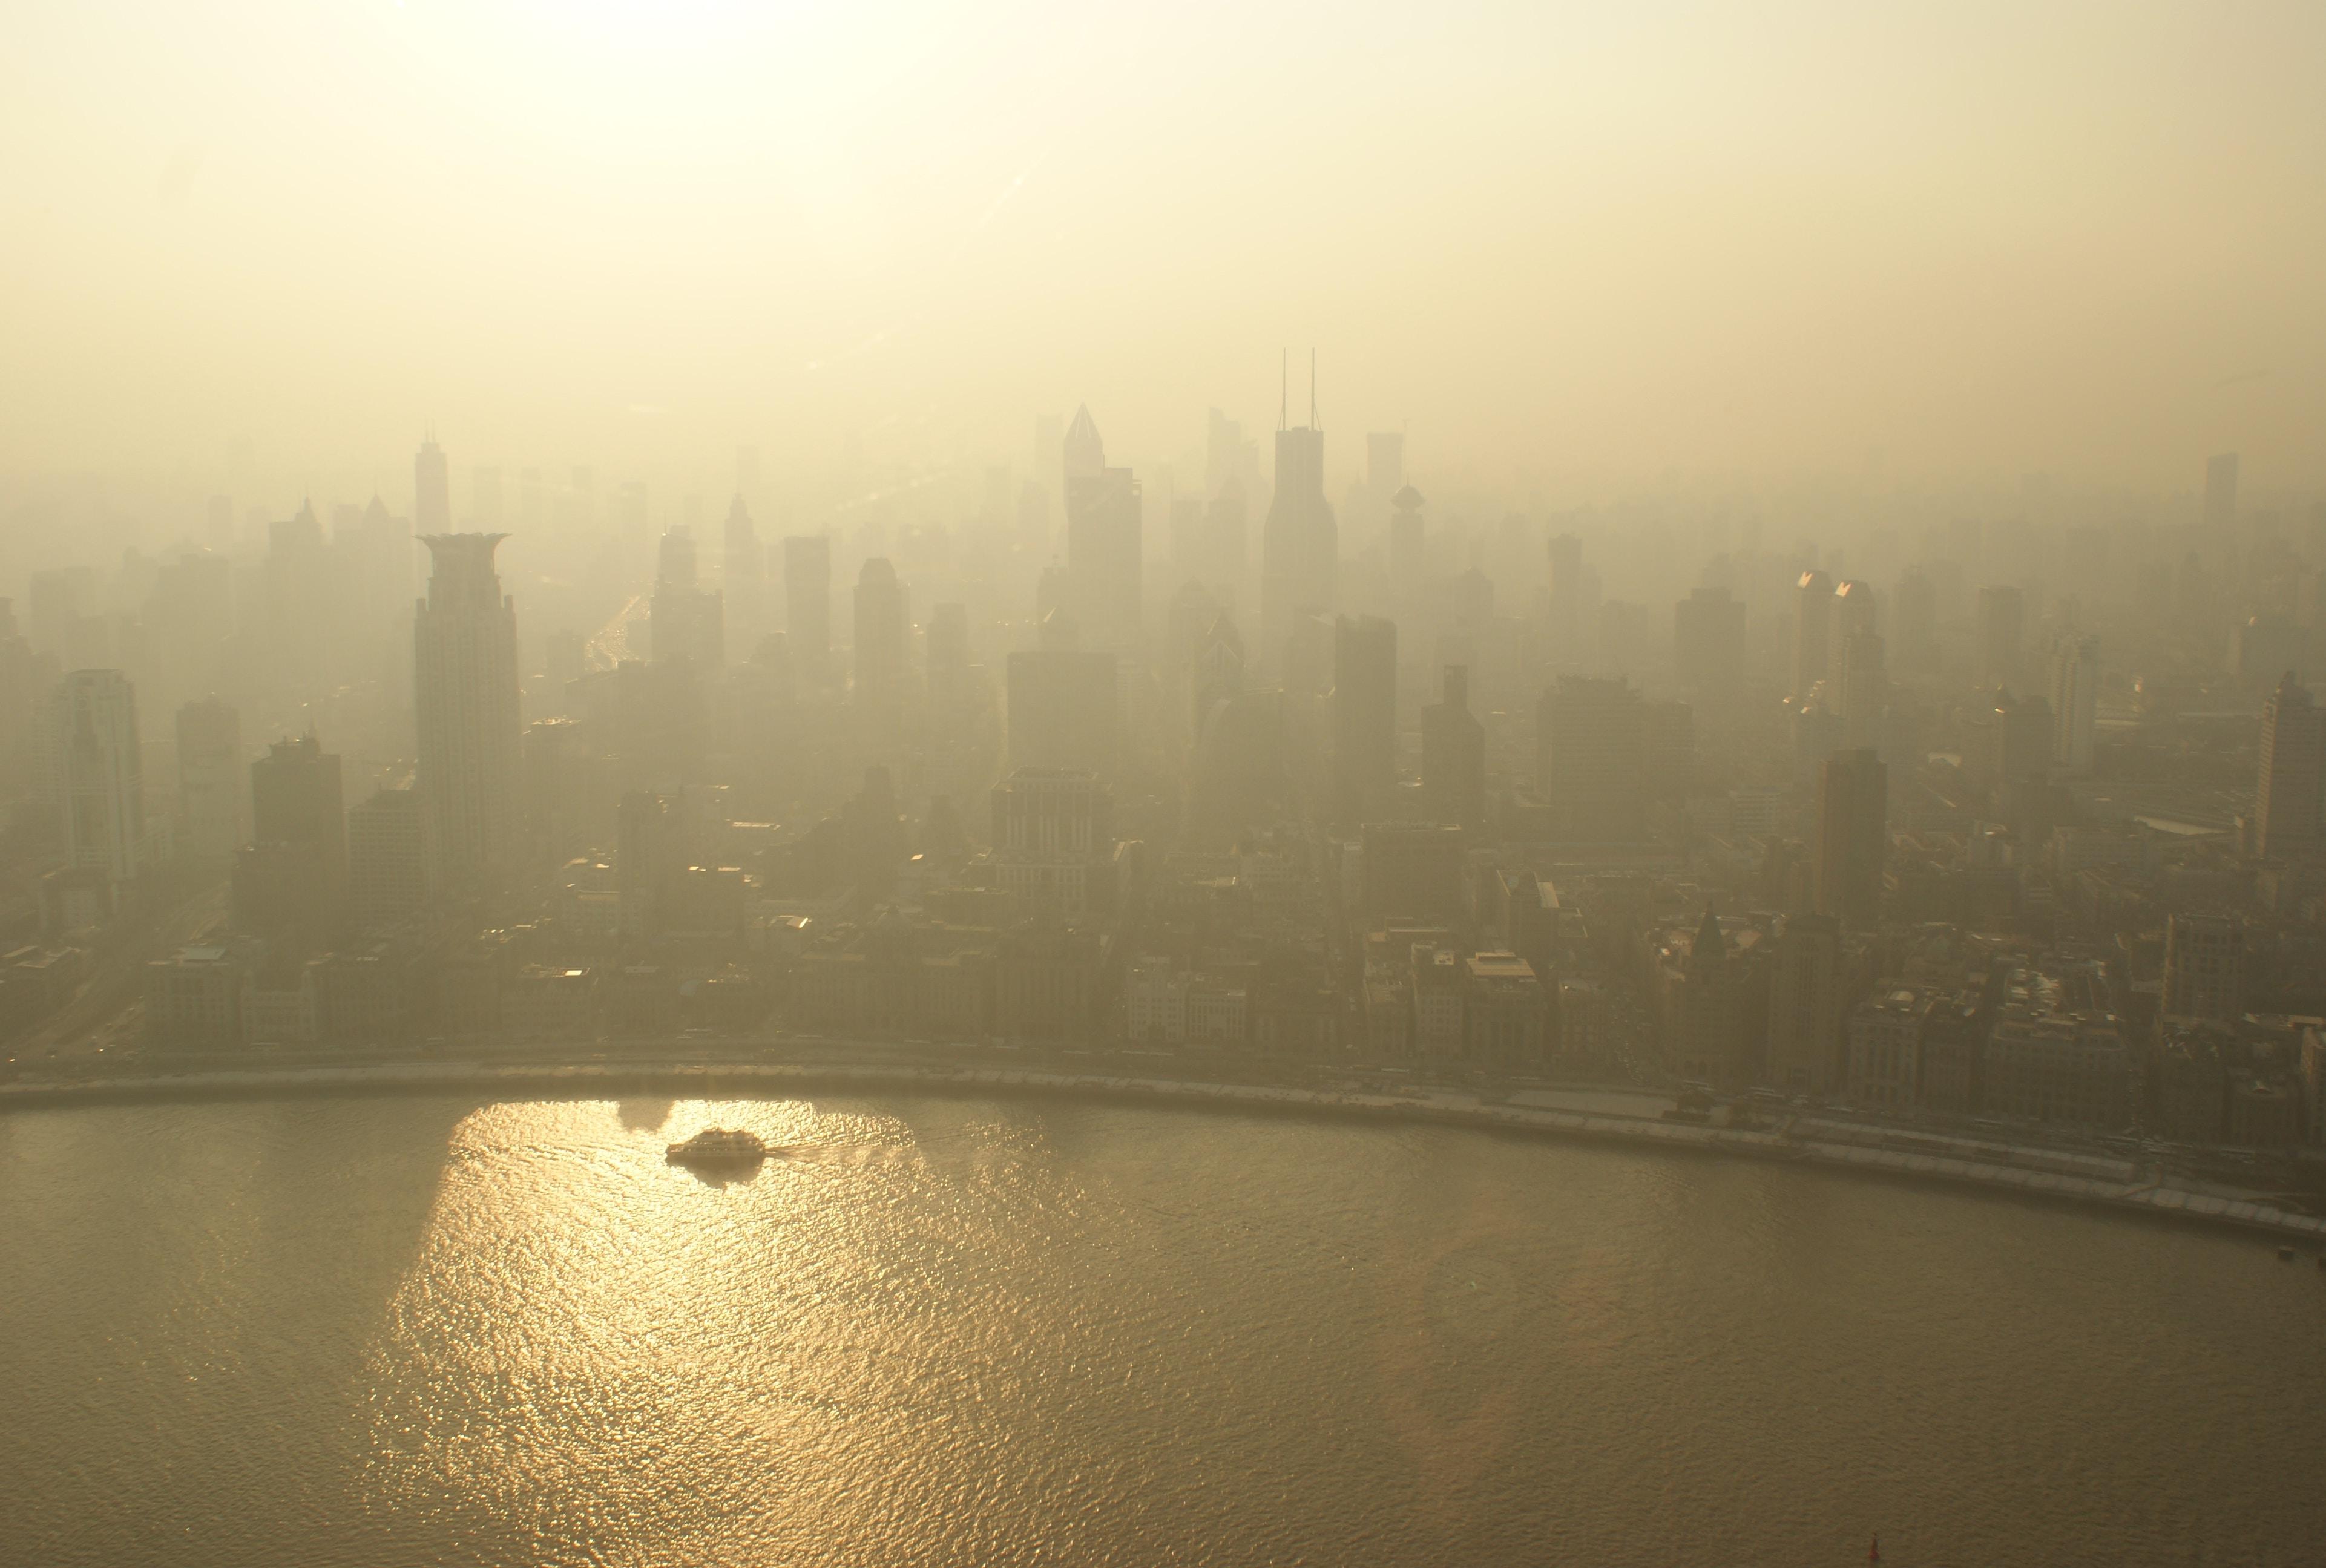 A hazy skyline of a city on a river